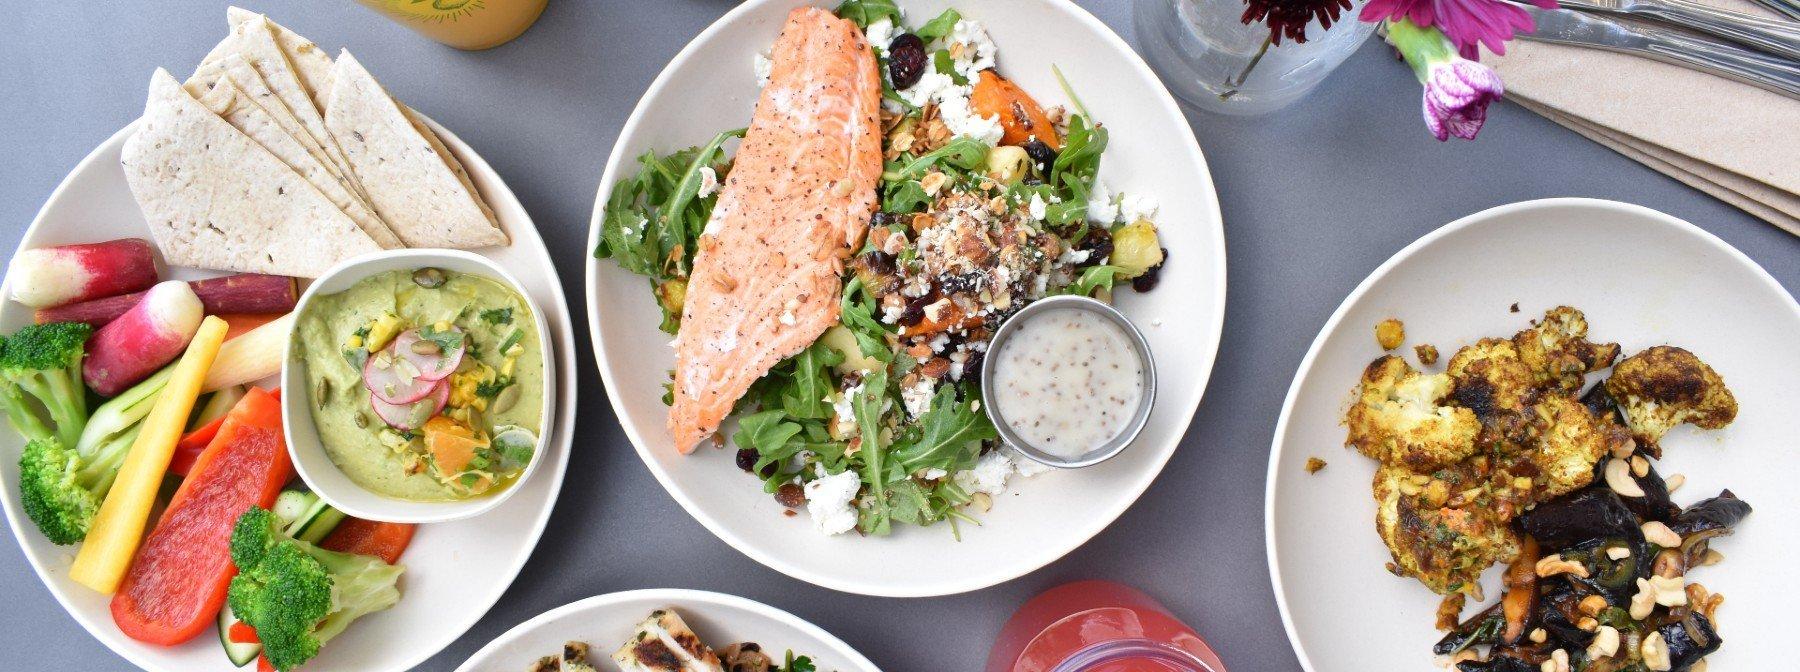 Лучшие и худшие диеты 2020 года I Мнение диетологов